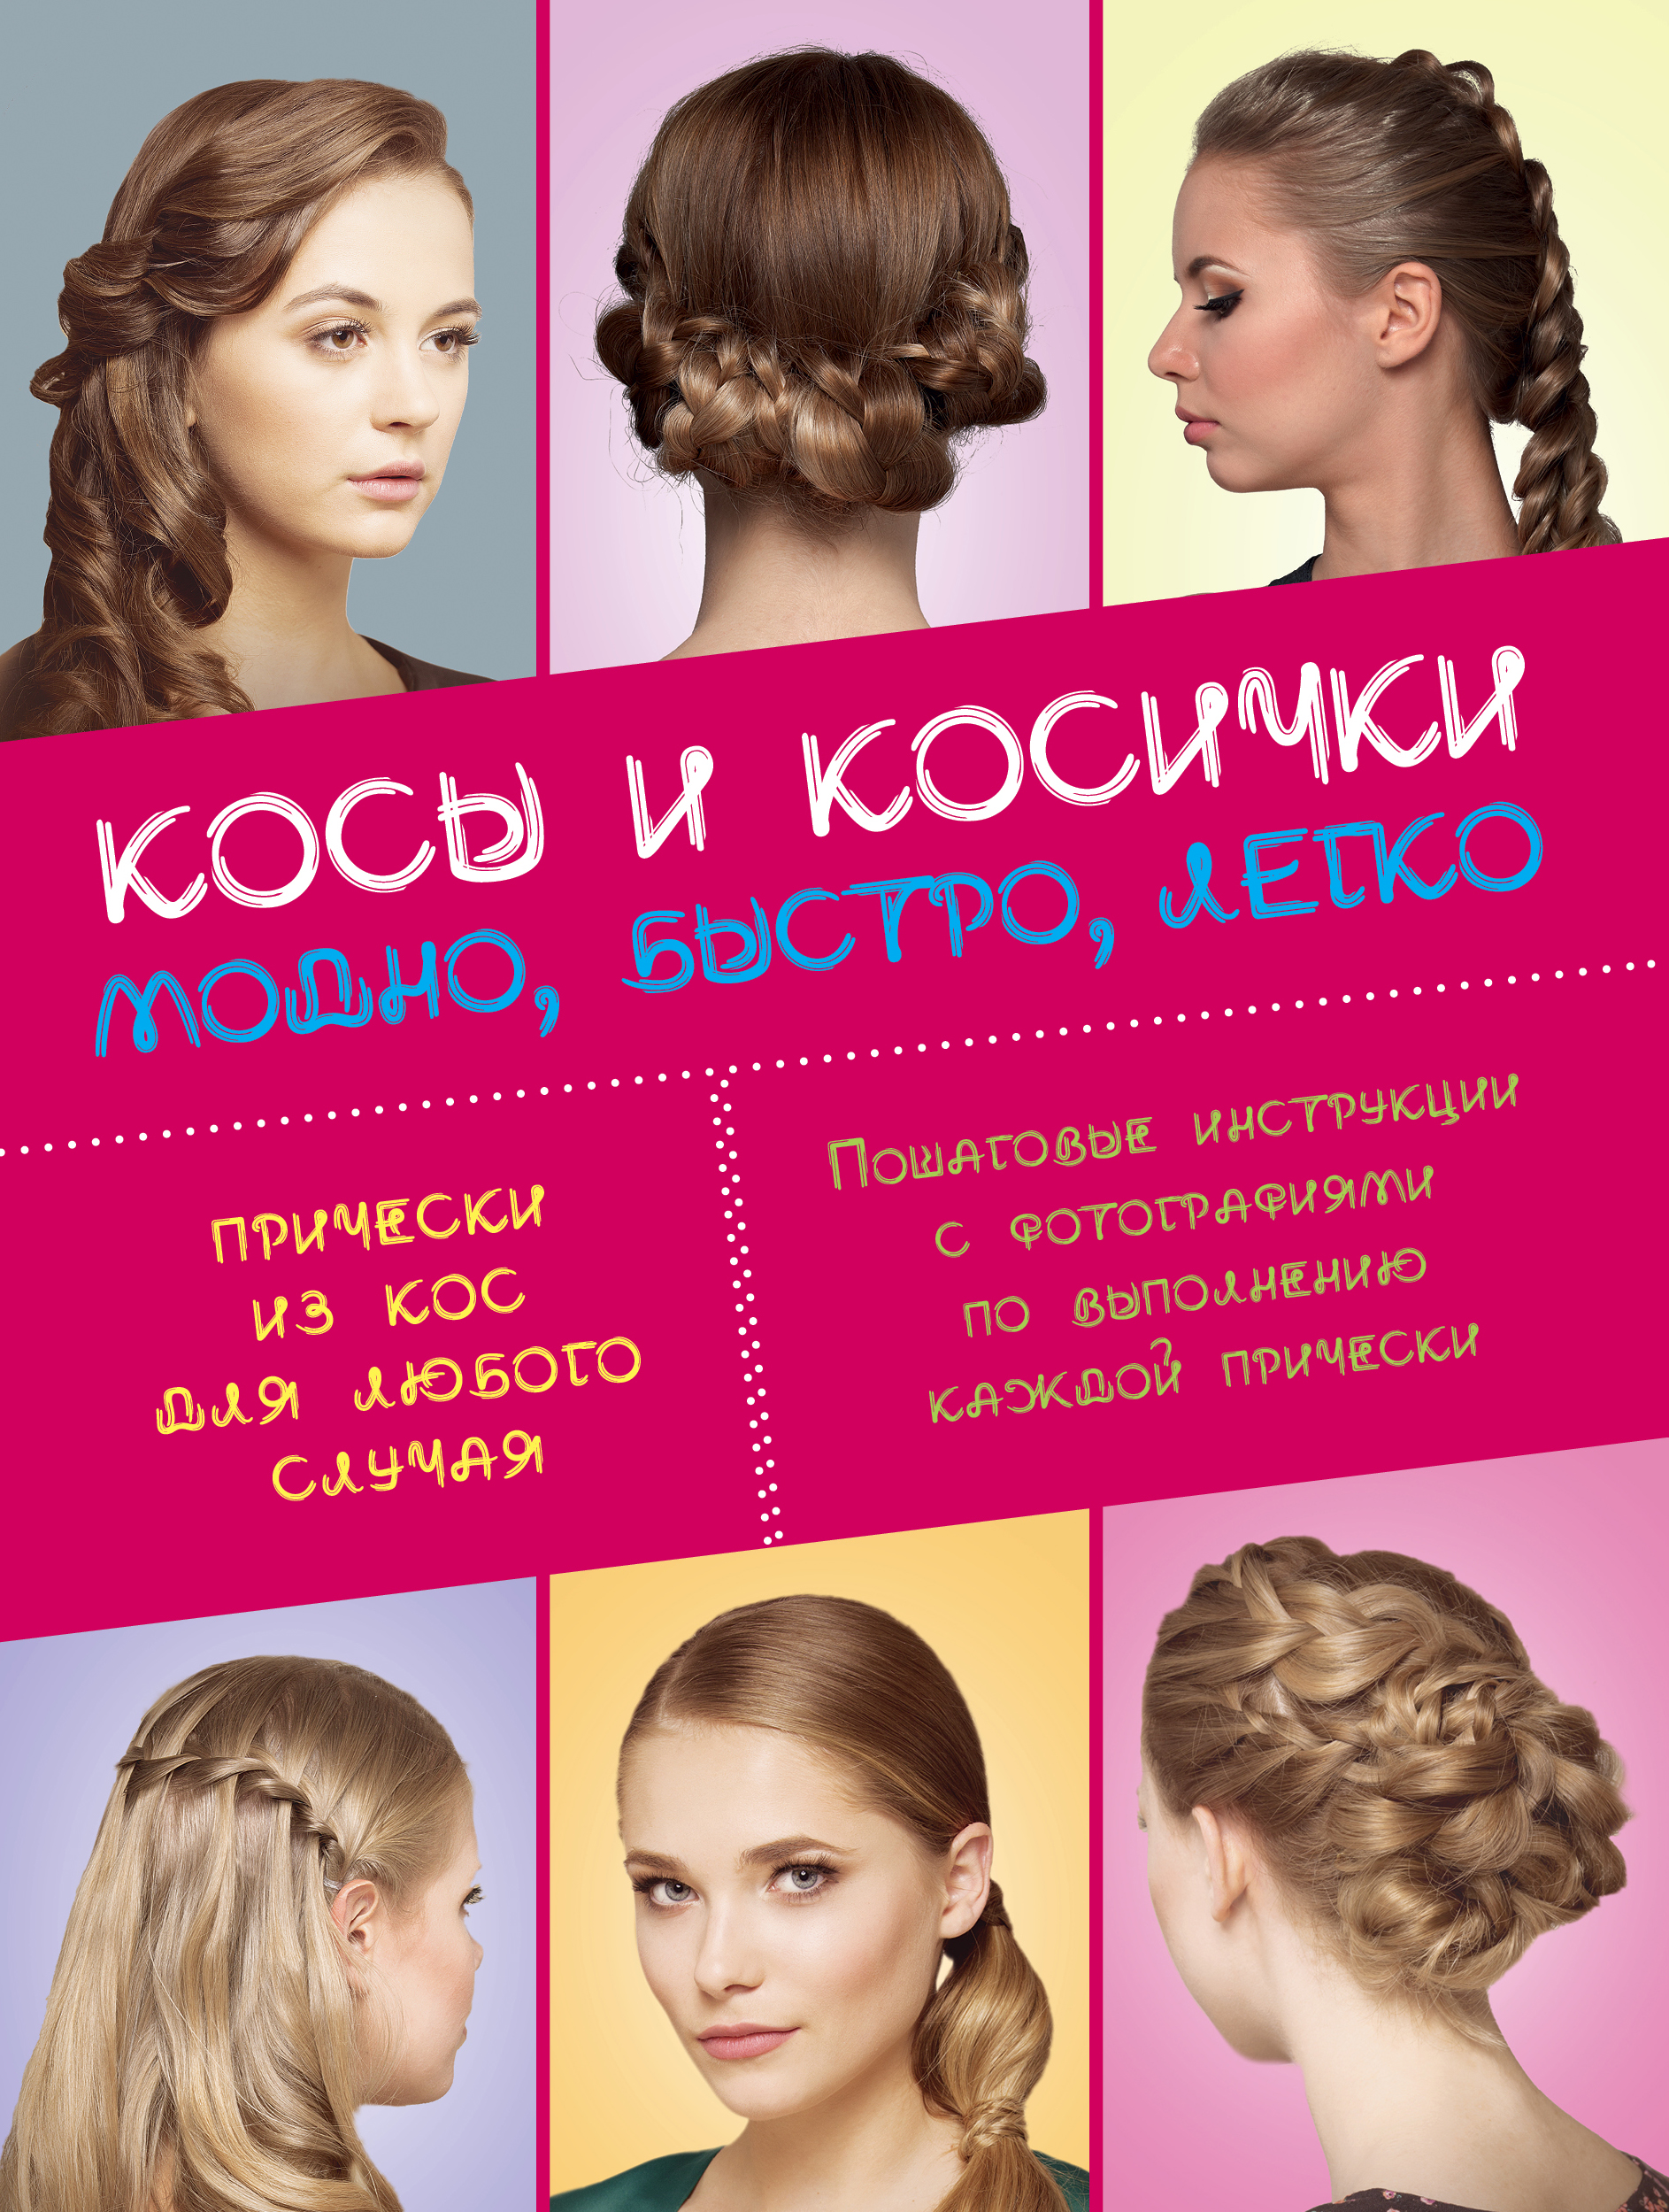 Ерёмина Наталья Косы и косички. Модно, быстро, легко наталья ерёмина косы и косички модно быстро легко